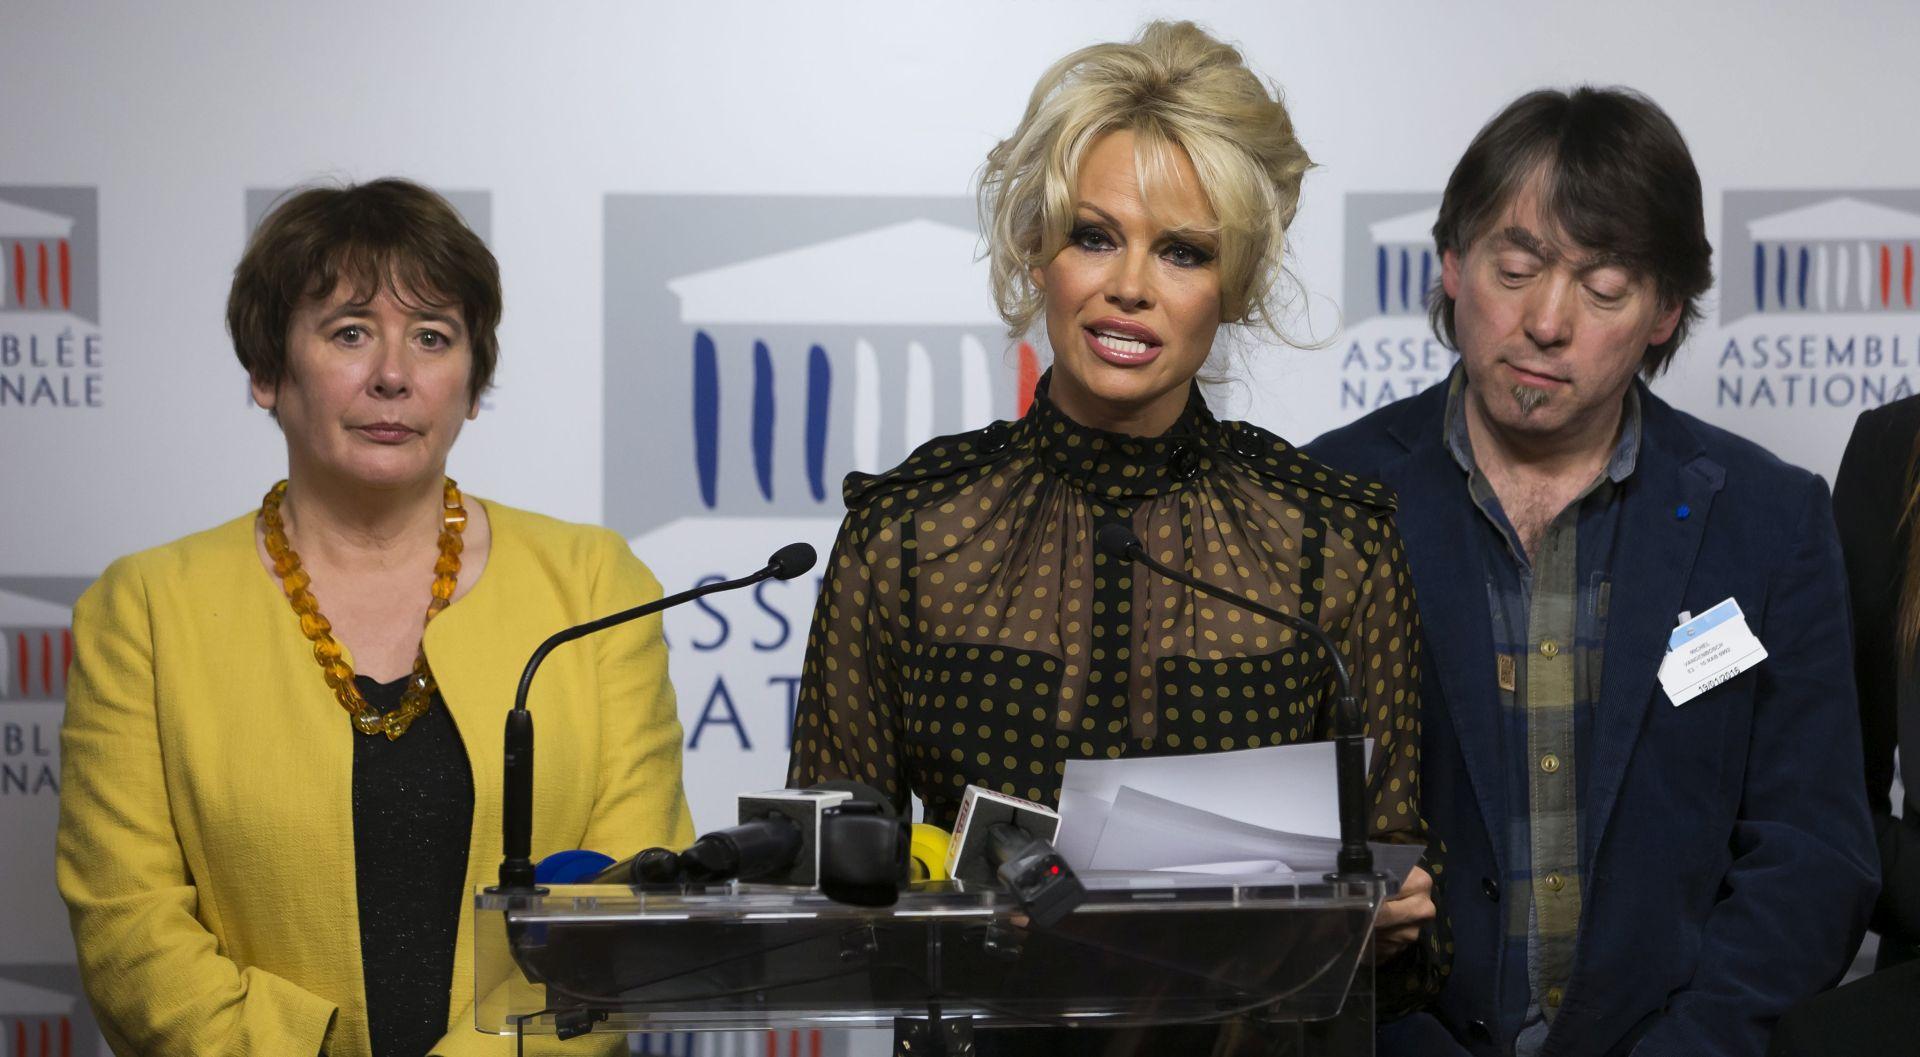 VIDEO: TRAŽI ZABRANU ŠOPANJA GUSAKA Pamela Anderson izazvala pomutnju u francuskom parlamentu